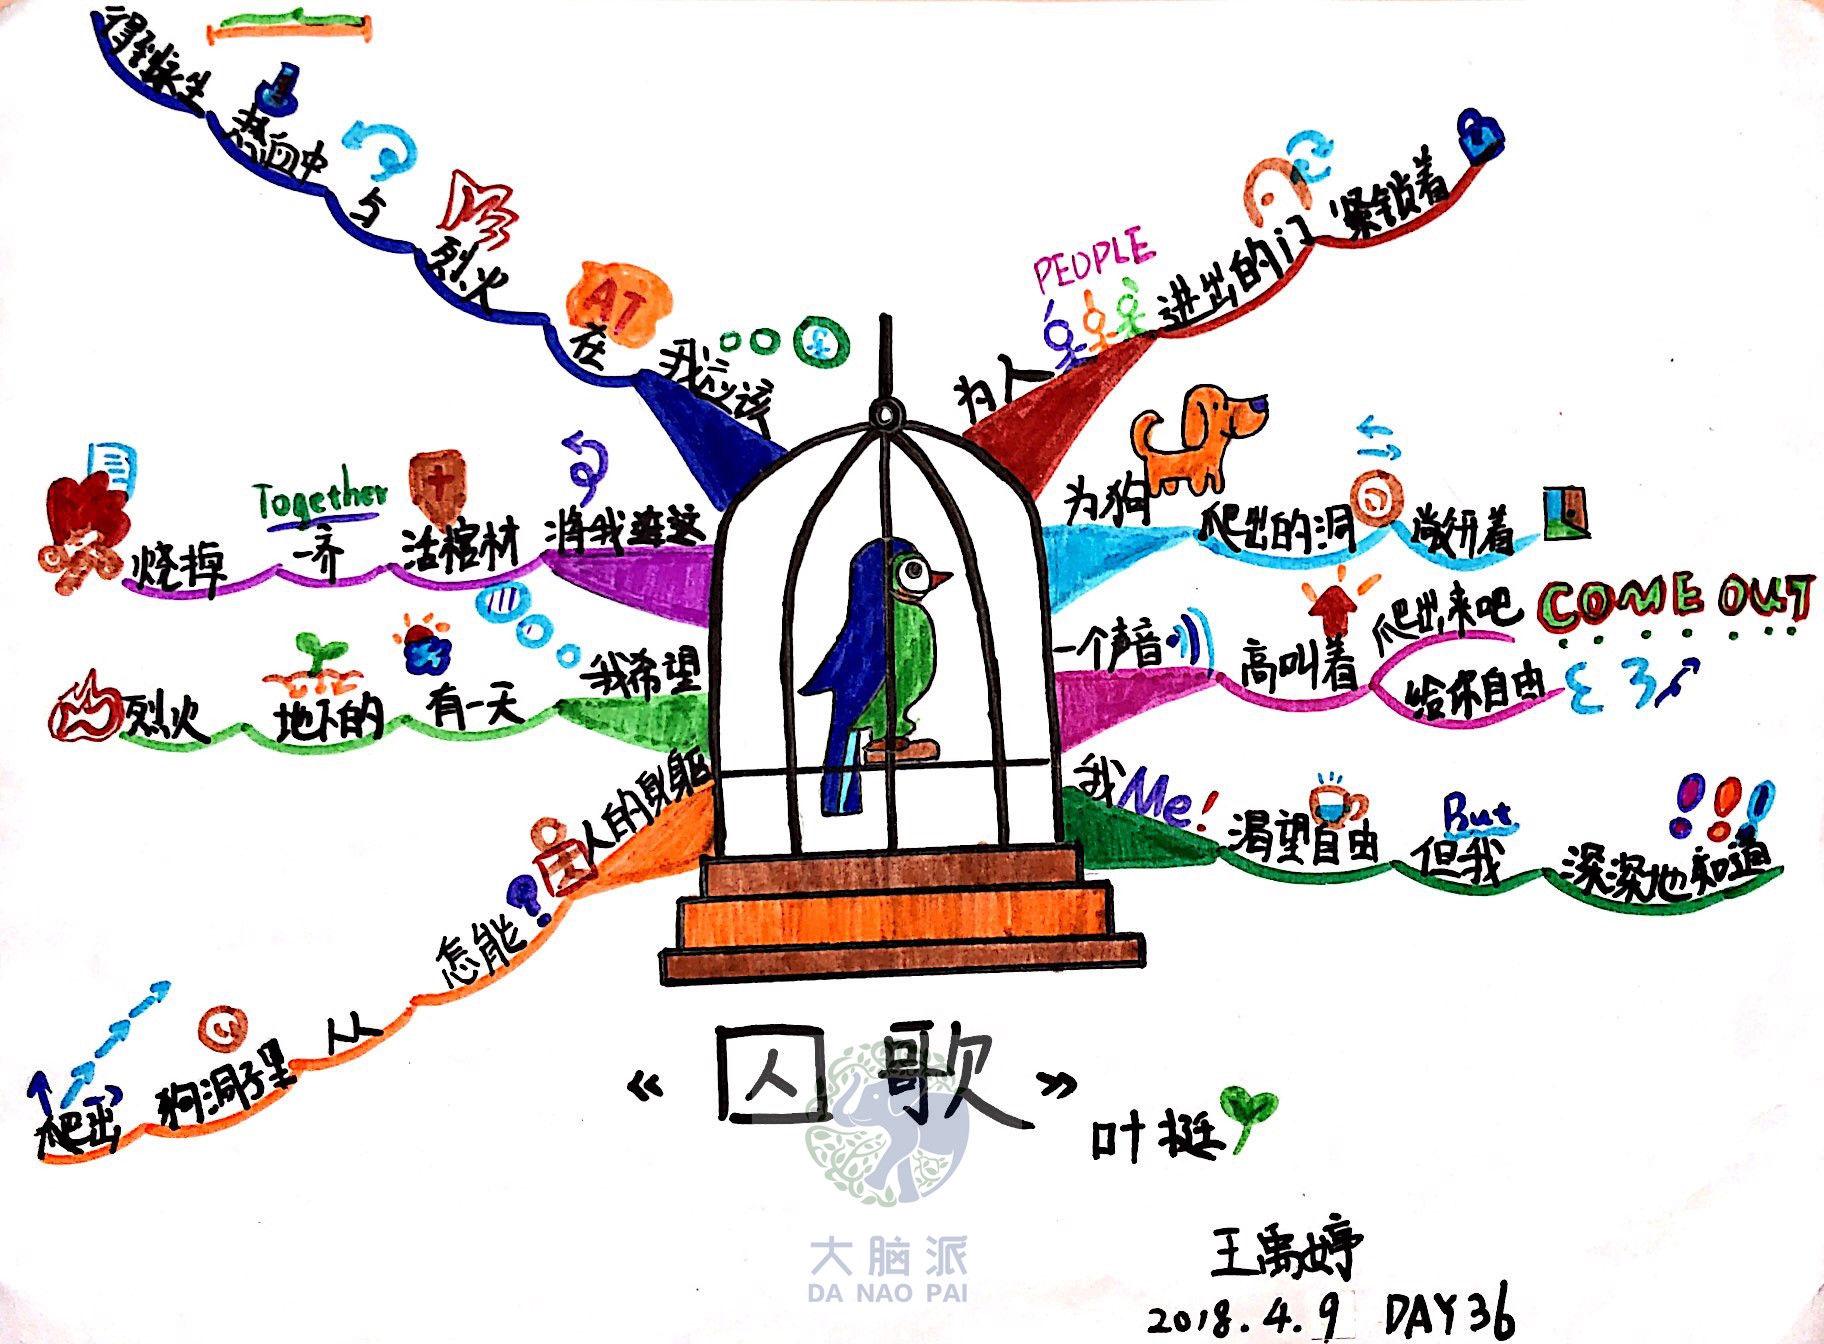 小学六年级思维导图,语数外,作文,单元知识整理全都有